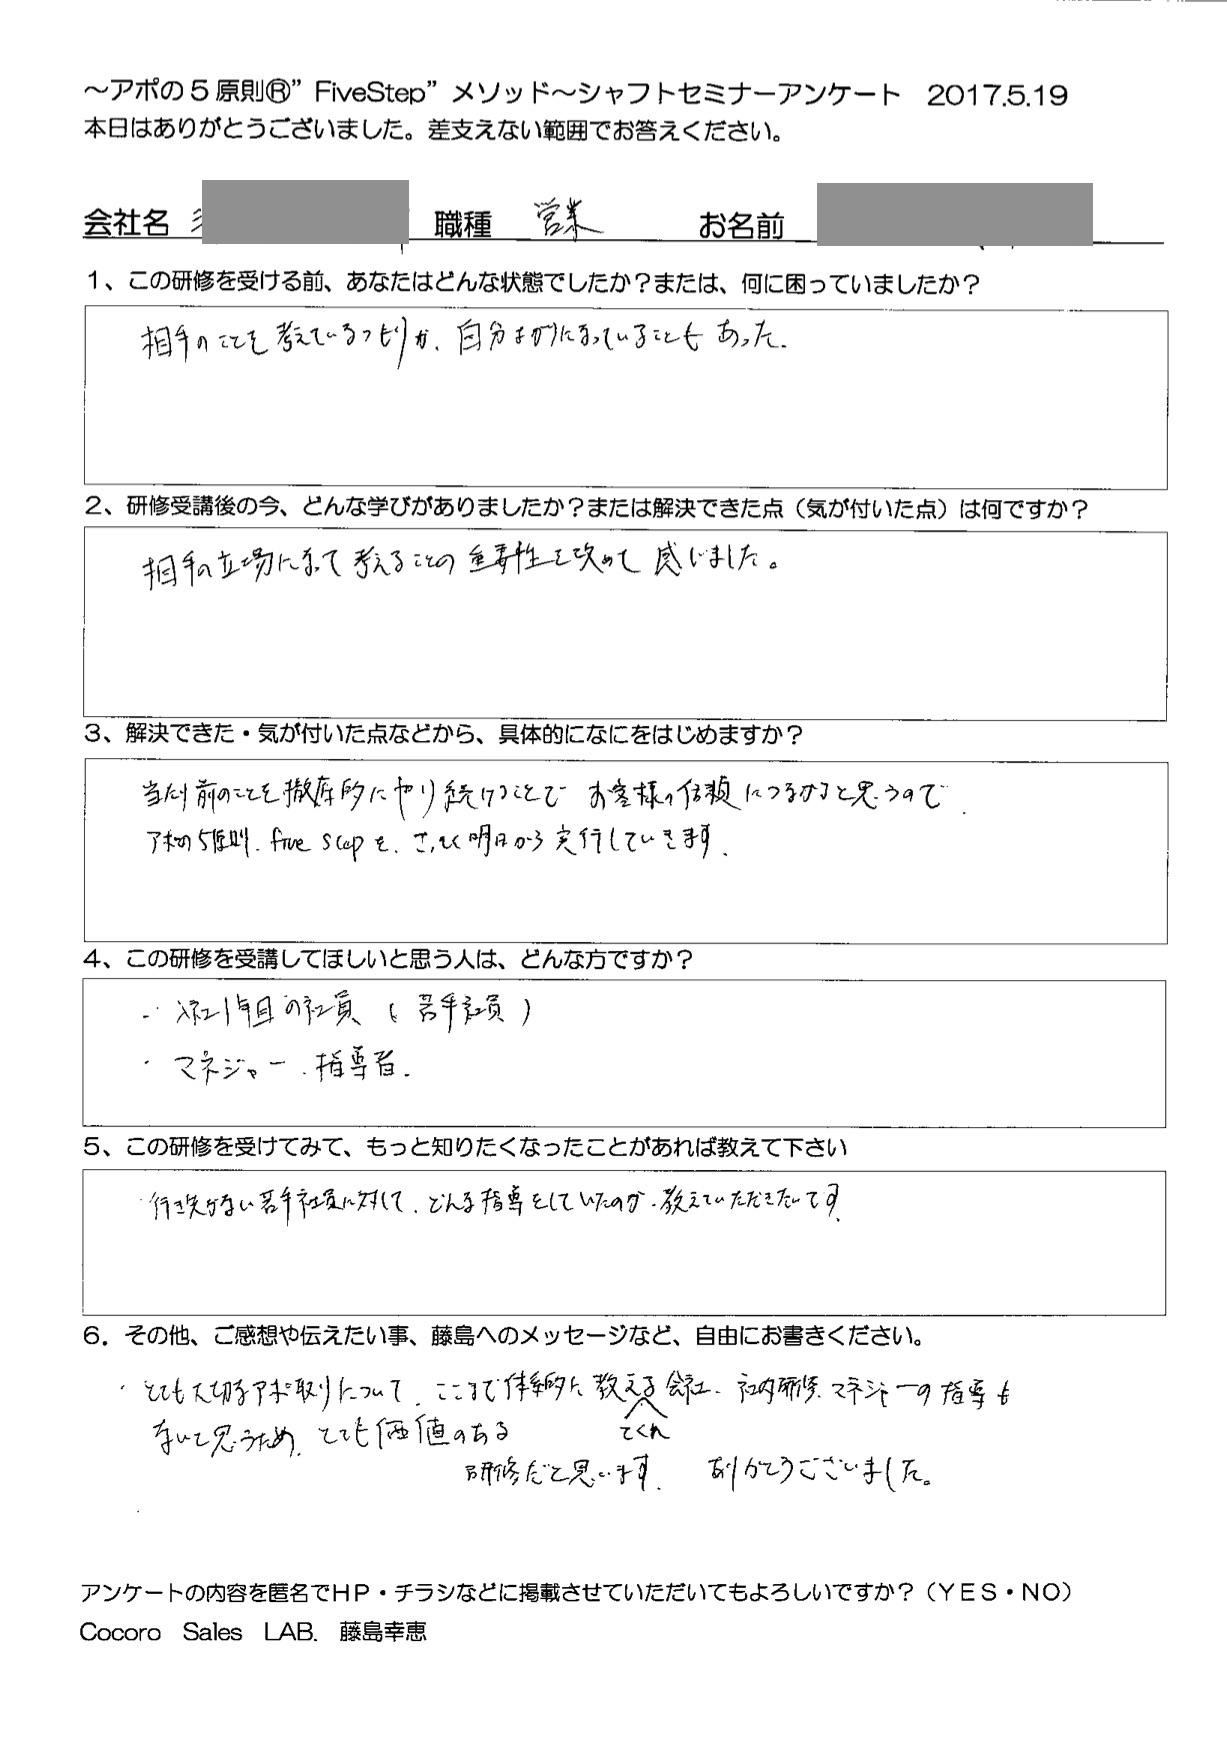 """株式会社シャフト様 fleFP塾特別セミナー 【アポの5原則®""""Five Step""""メソッド】アンケート2"""